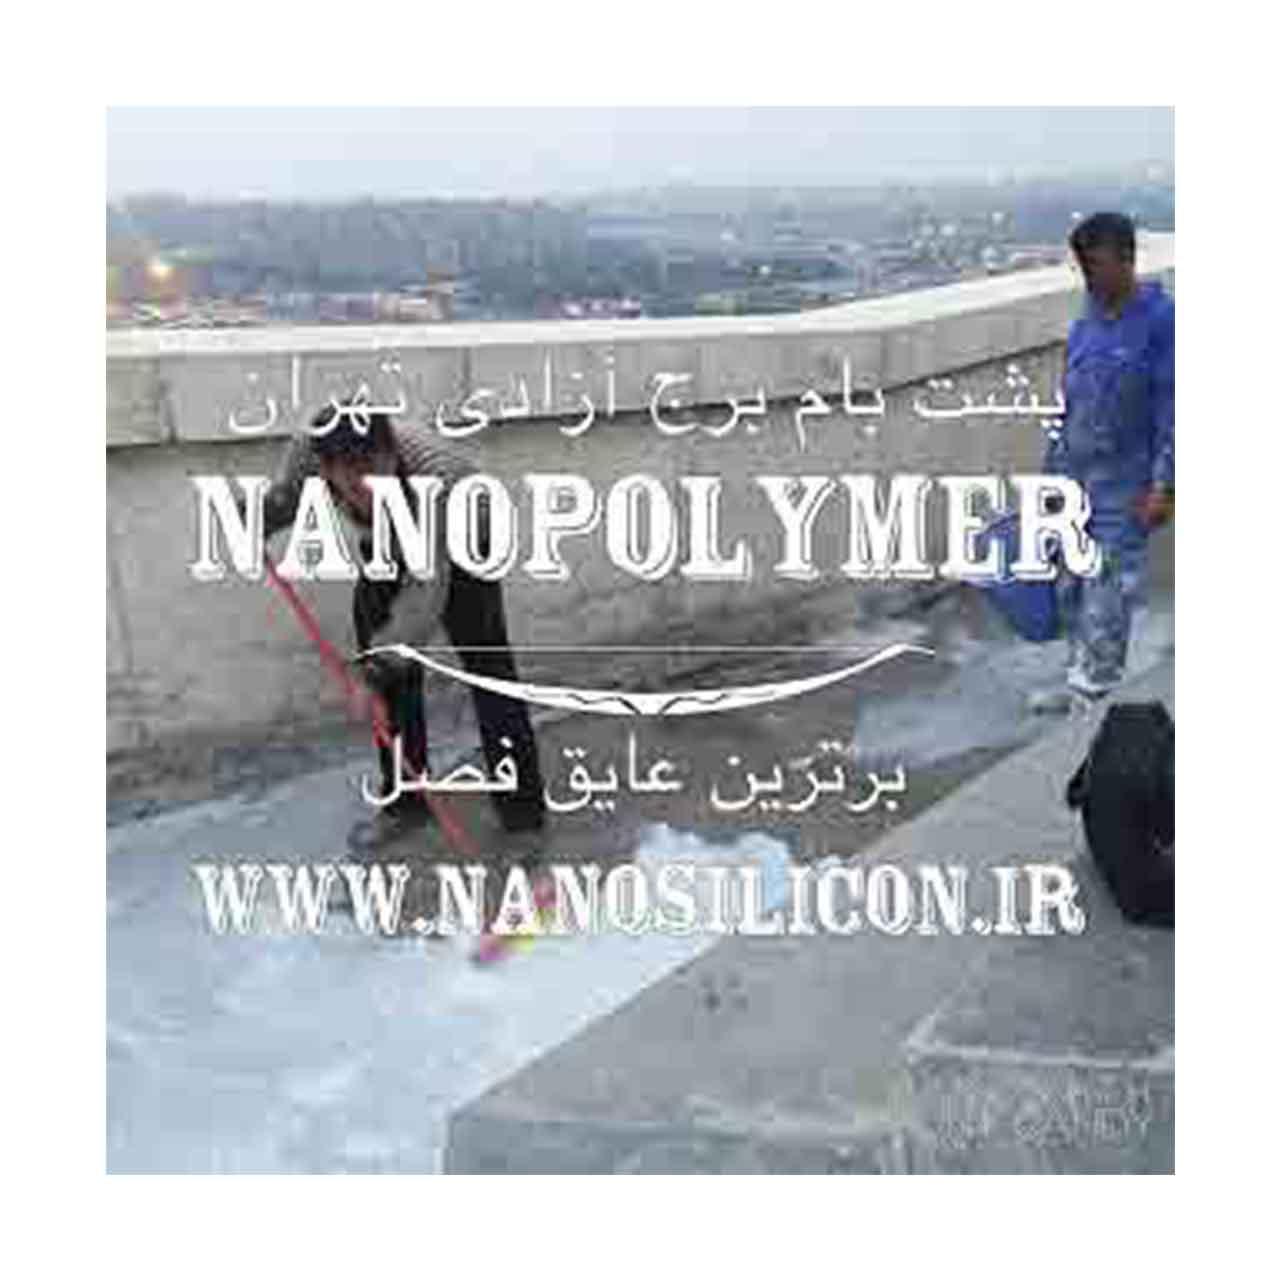 عایــق نانوپلیمر